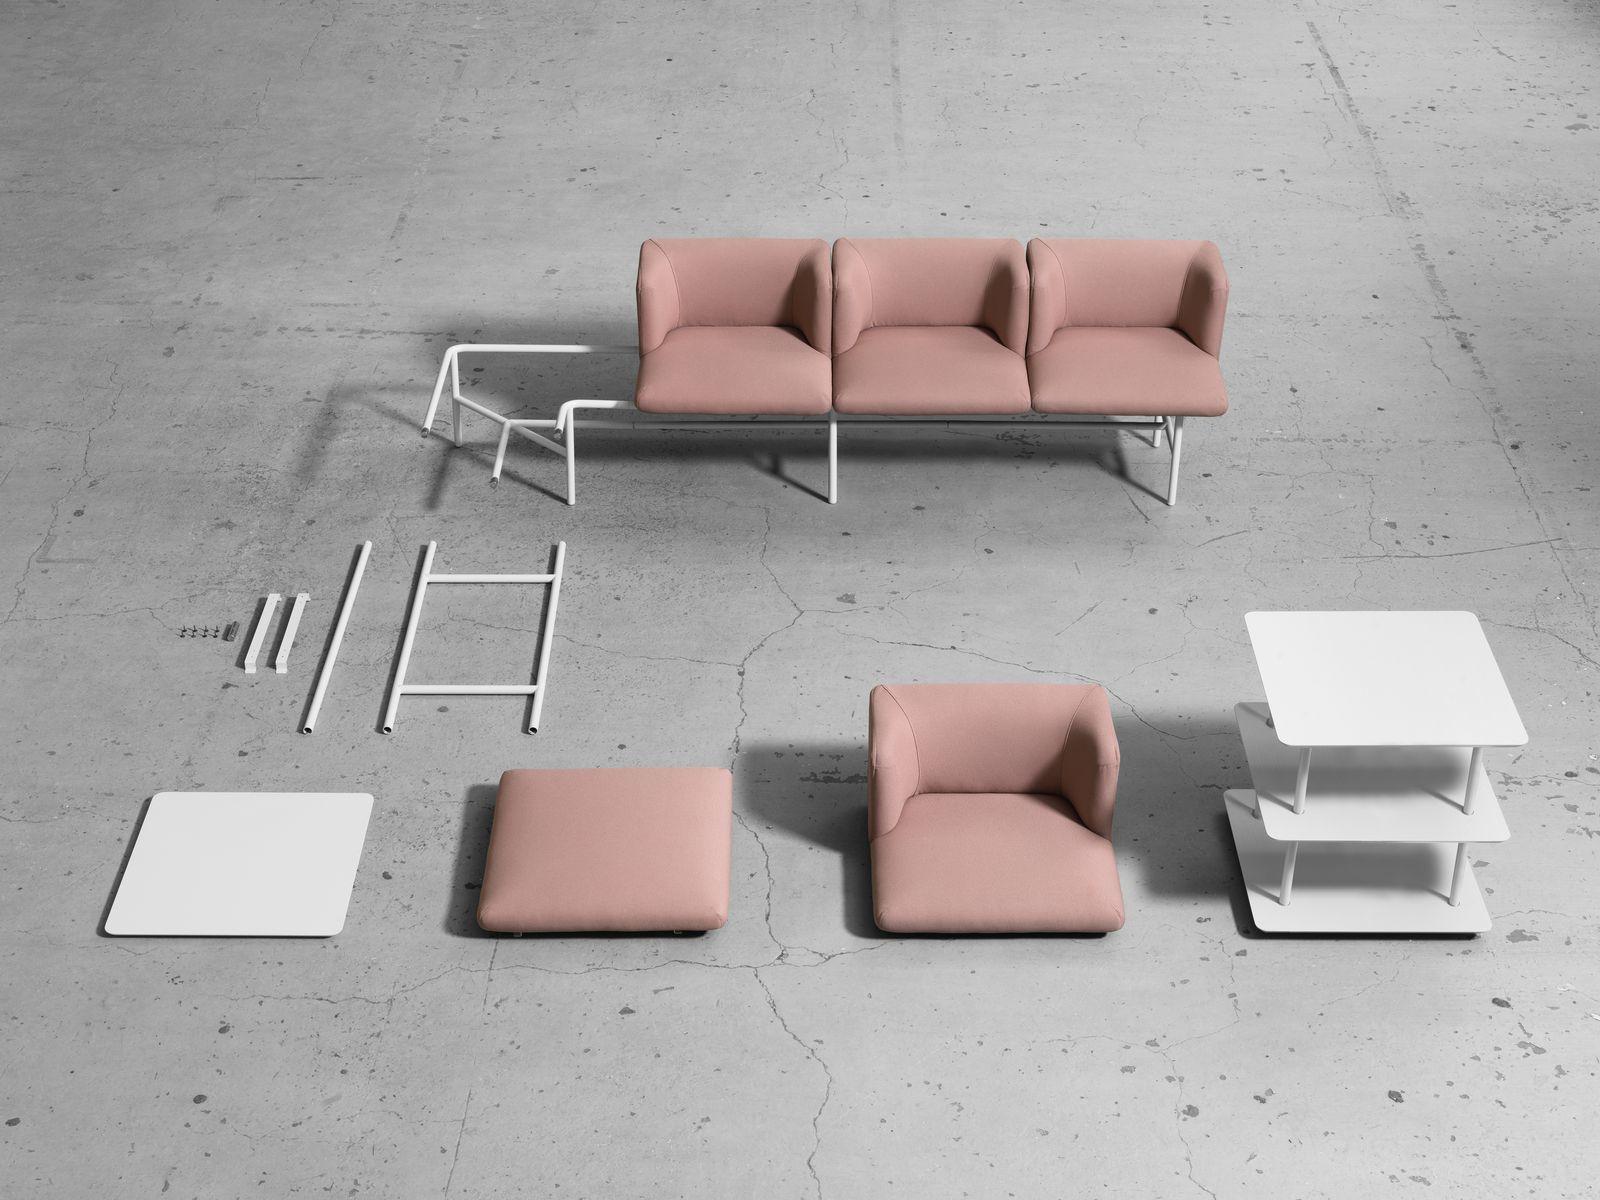 empfangstheken-sitzmoebel-foyer-kanzlei-schlicht-rosa-aufbau